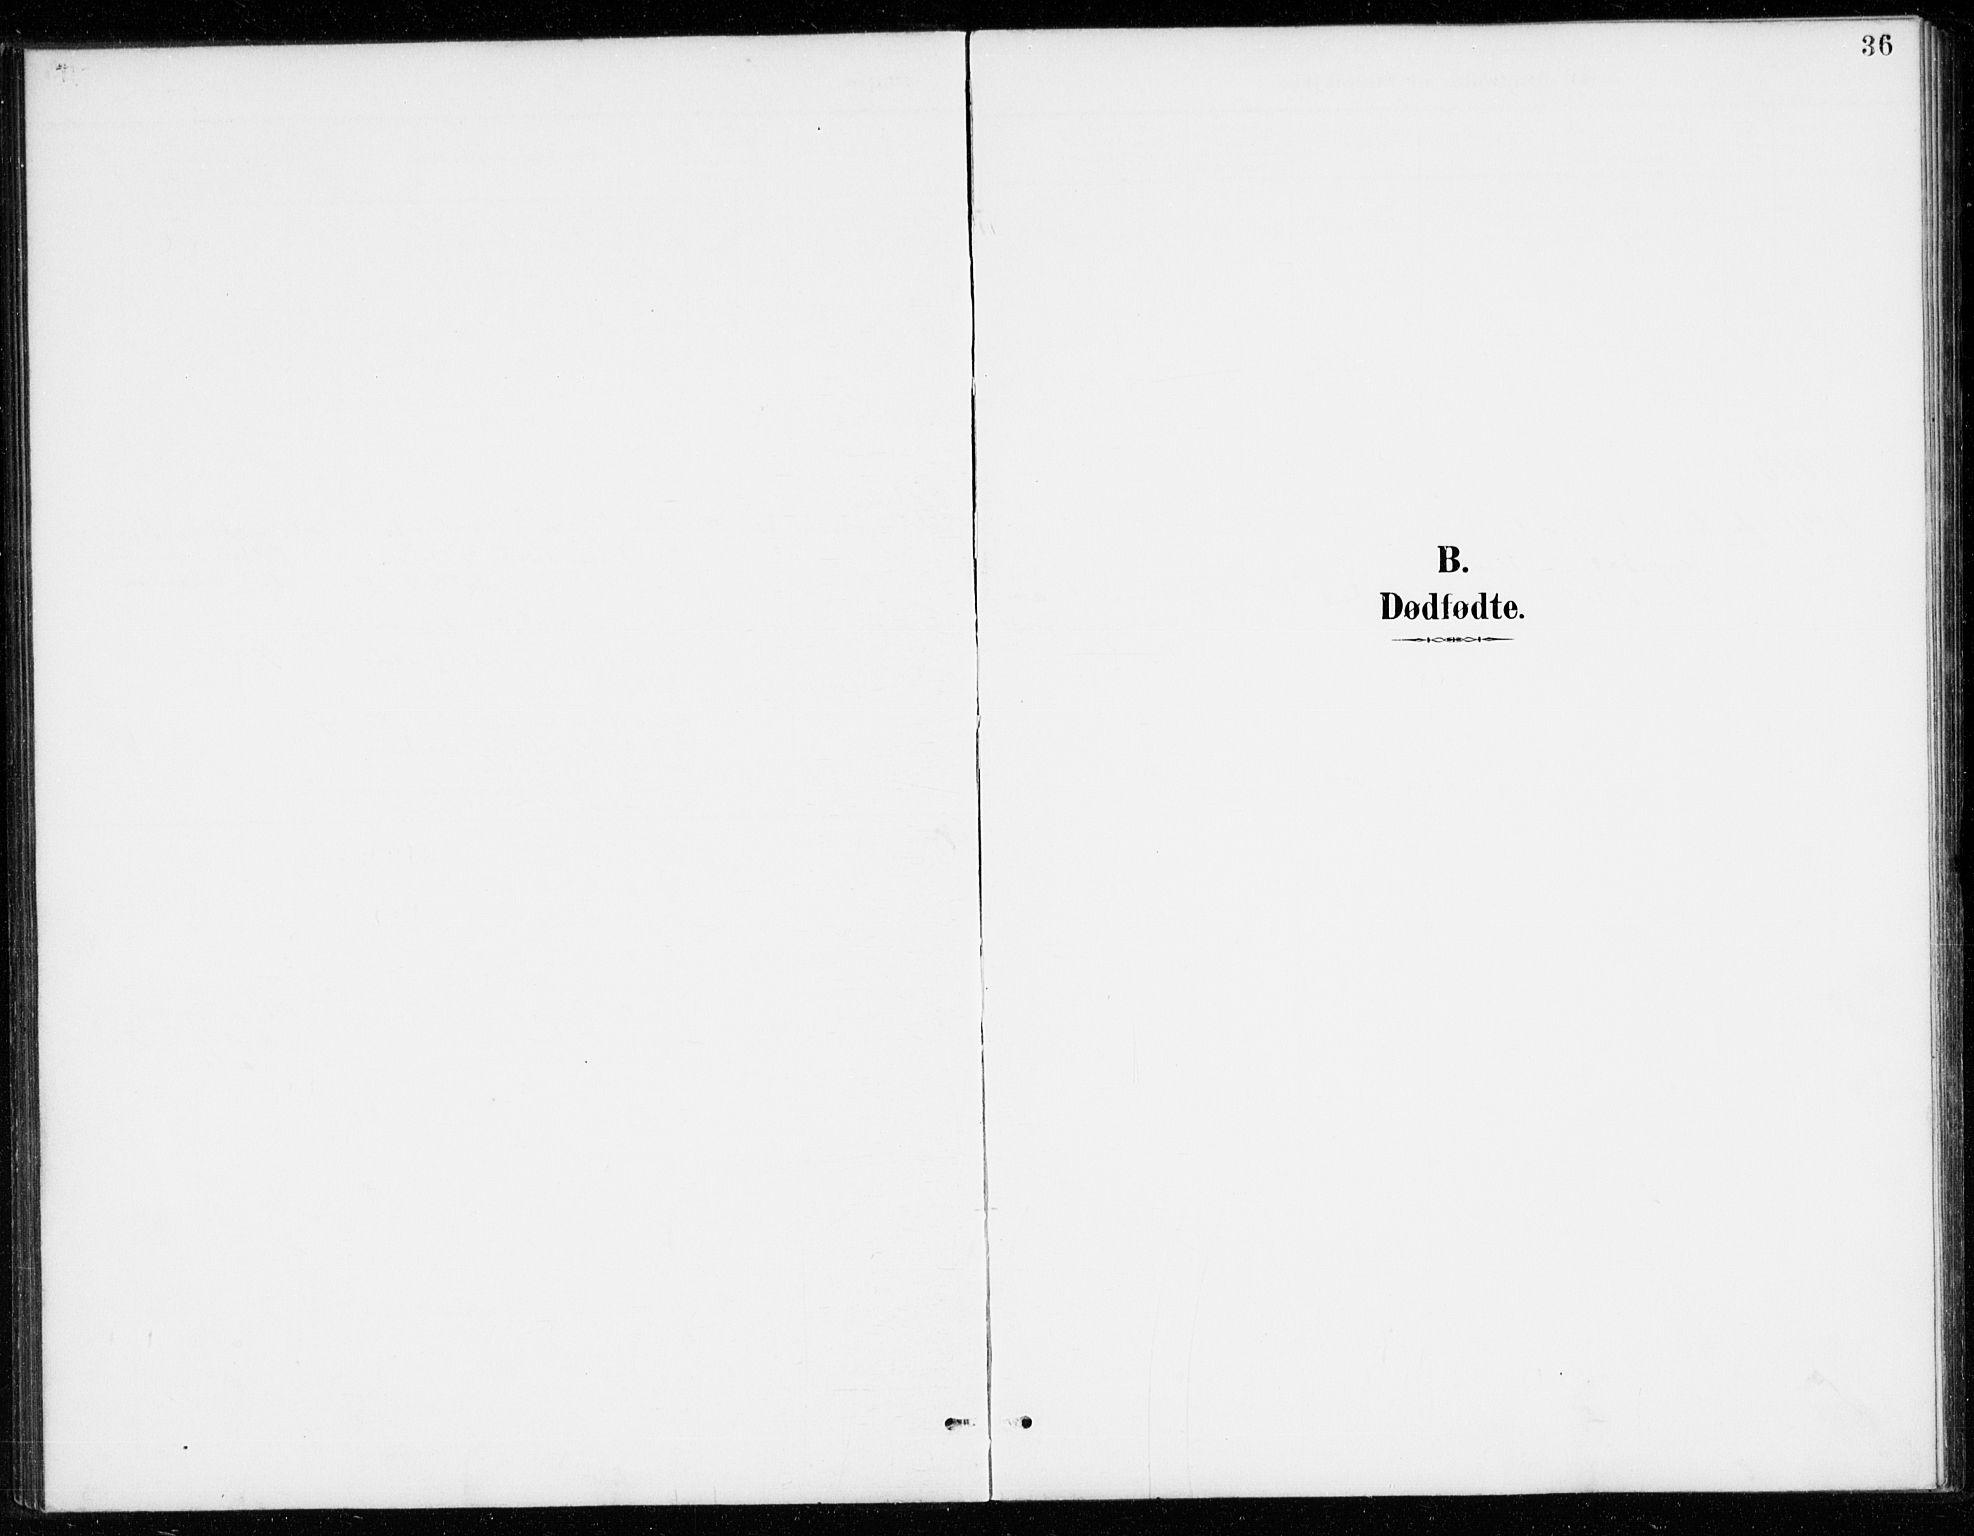 SAKO, Vinje kirkebøker, G/Gb/L0003: Klokkerbok nr. II 3, 1892-1943, s. 36